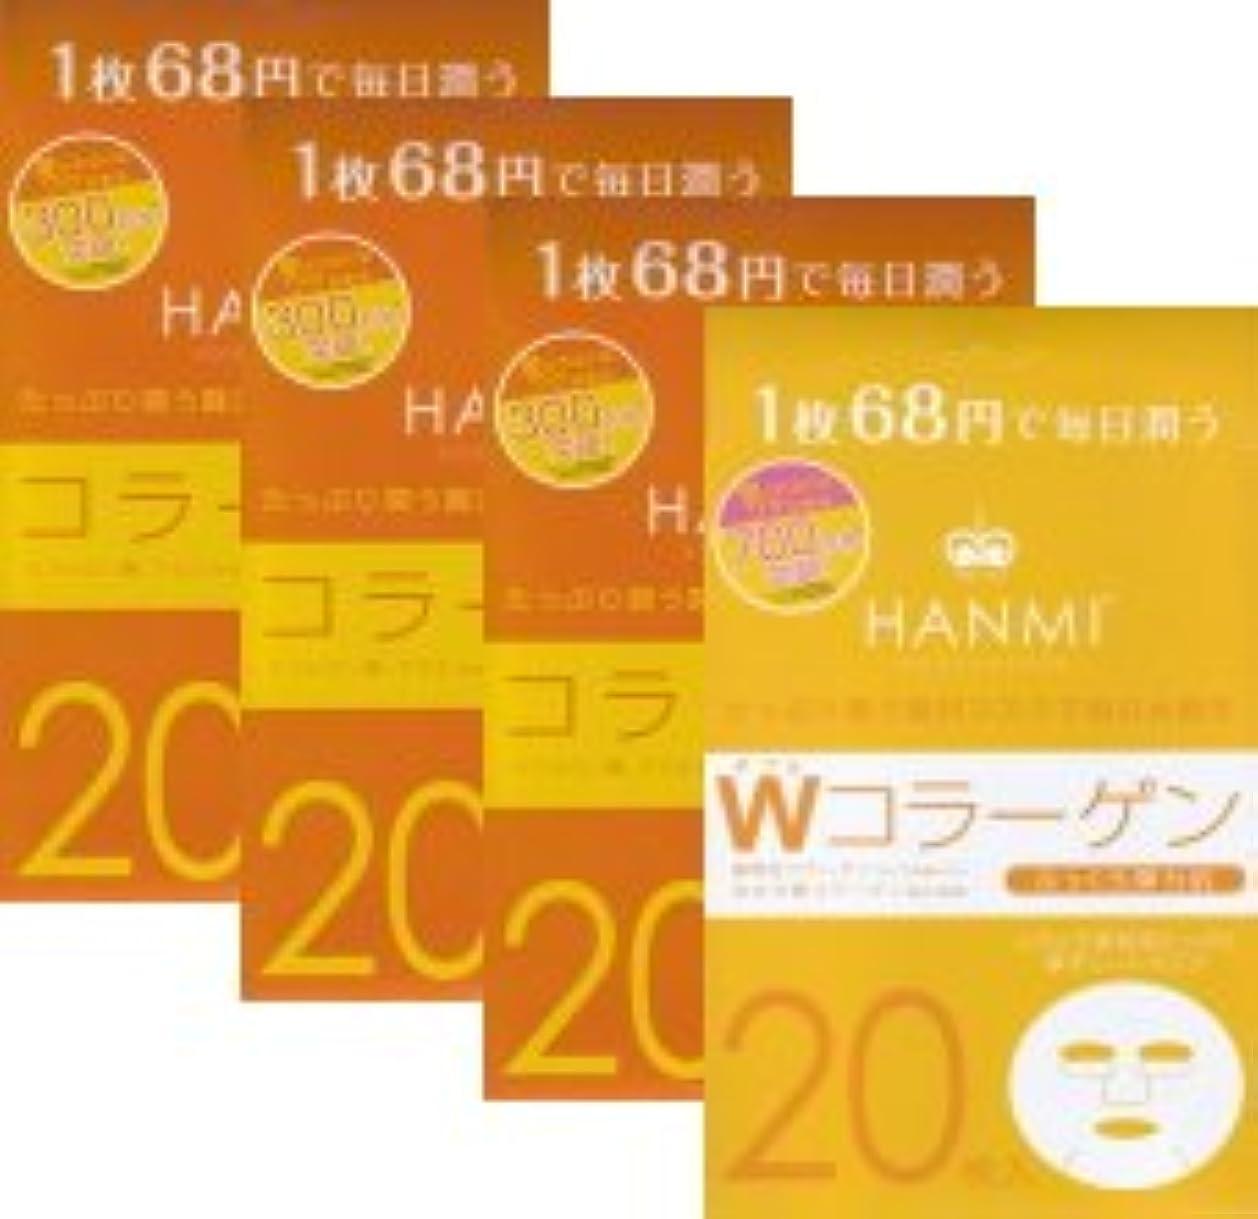 苦難レンディション文献MIGAKI ハンミフェイスマスク(20枚入り)「コラーゲン×3個」「Wコラーゲン×1個」の4個セット